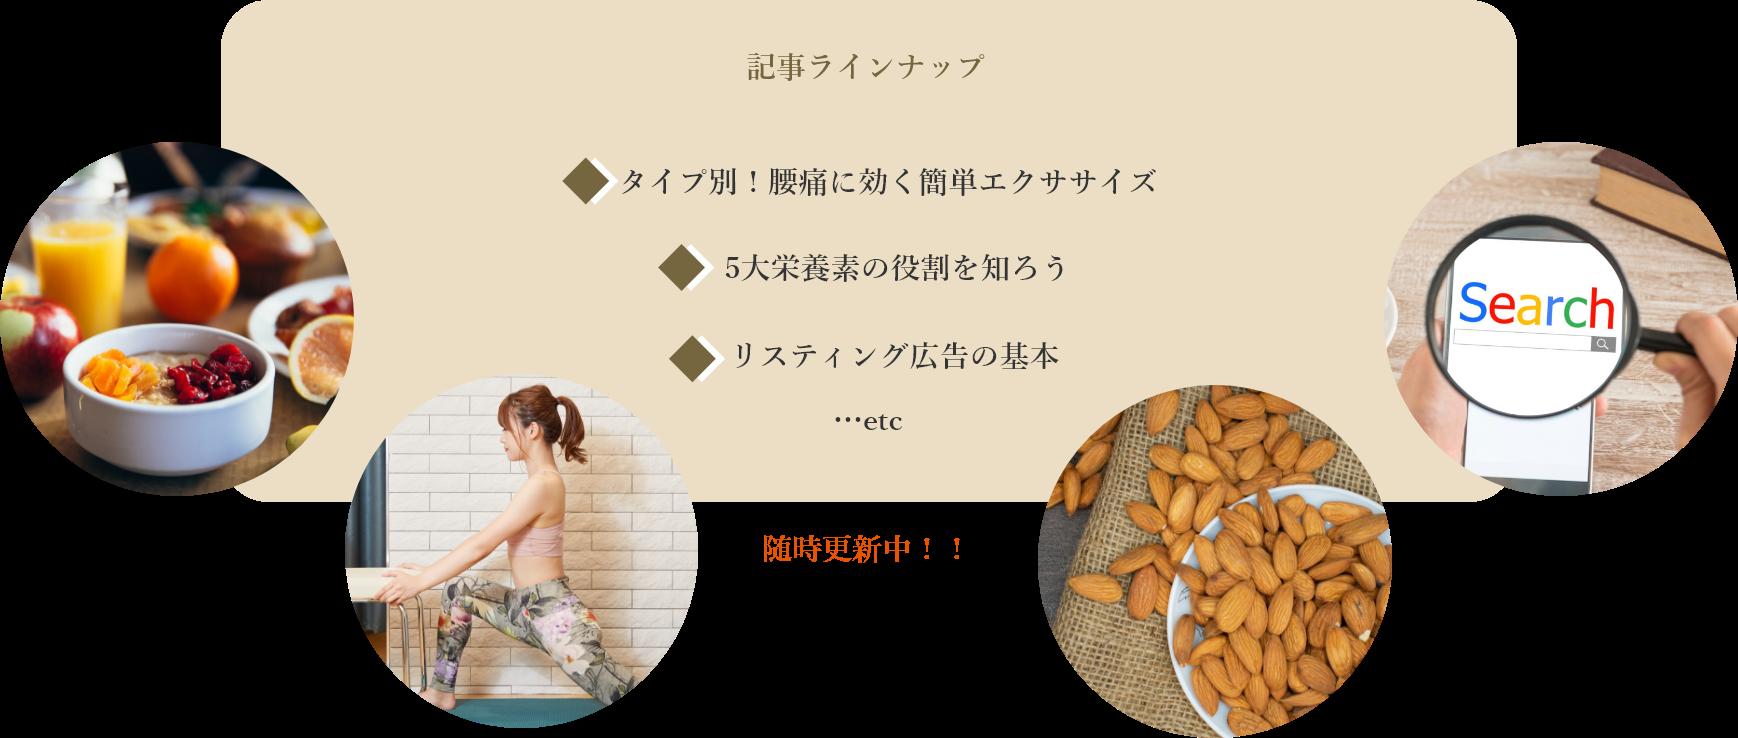 記事ラインナップ→タイプ別!腰痛に効く簡単エクササイズ/5大栄養素の役割を知ろう/リスティング広告の基本etc